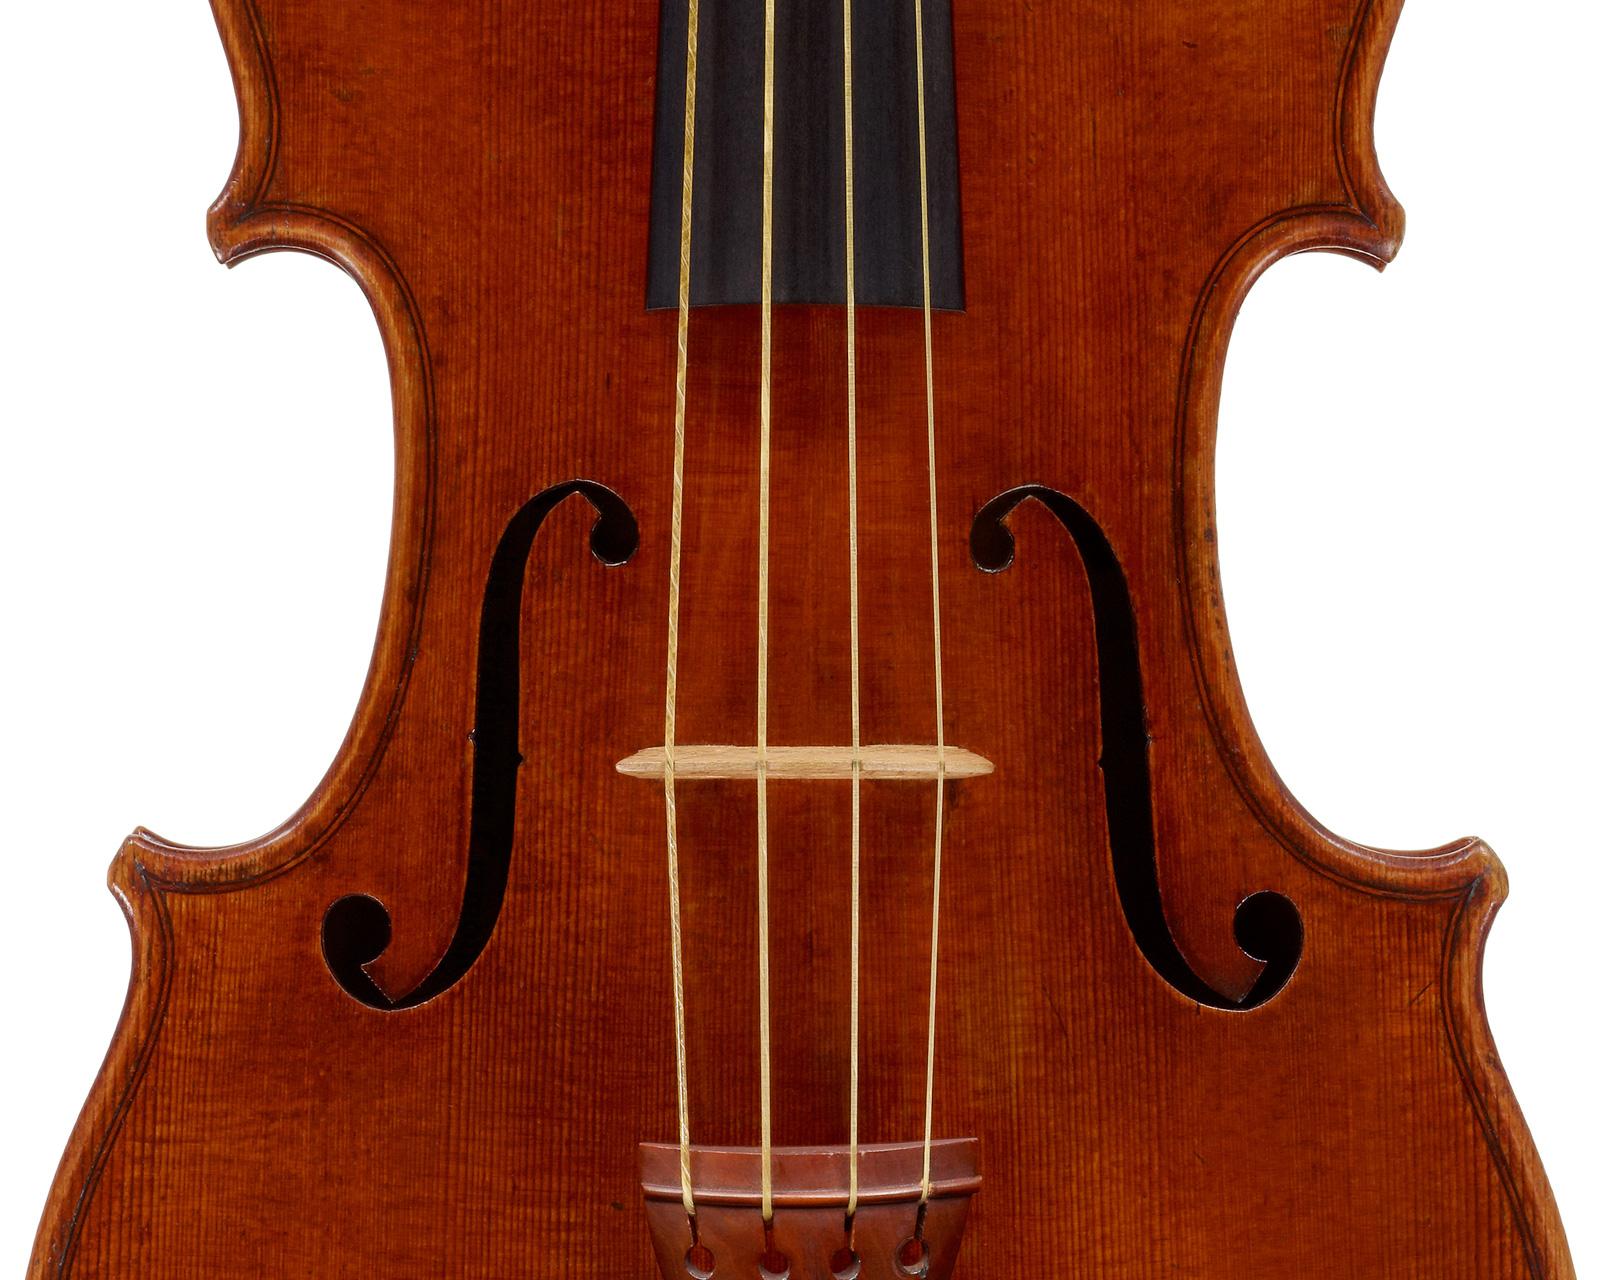 Violin by Antonio Stradivari